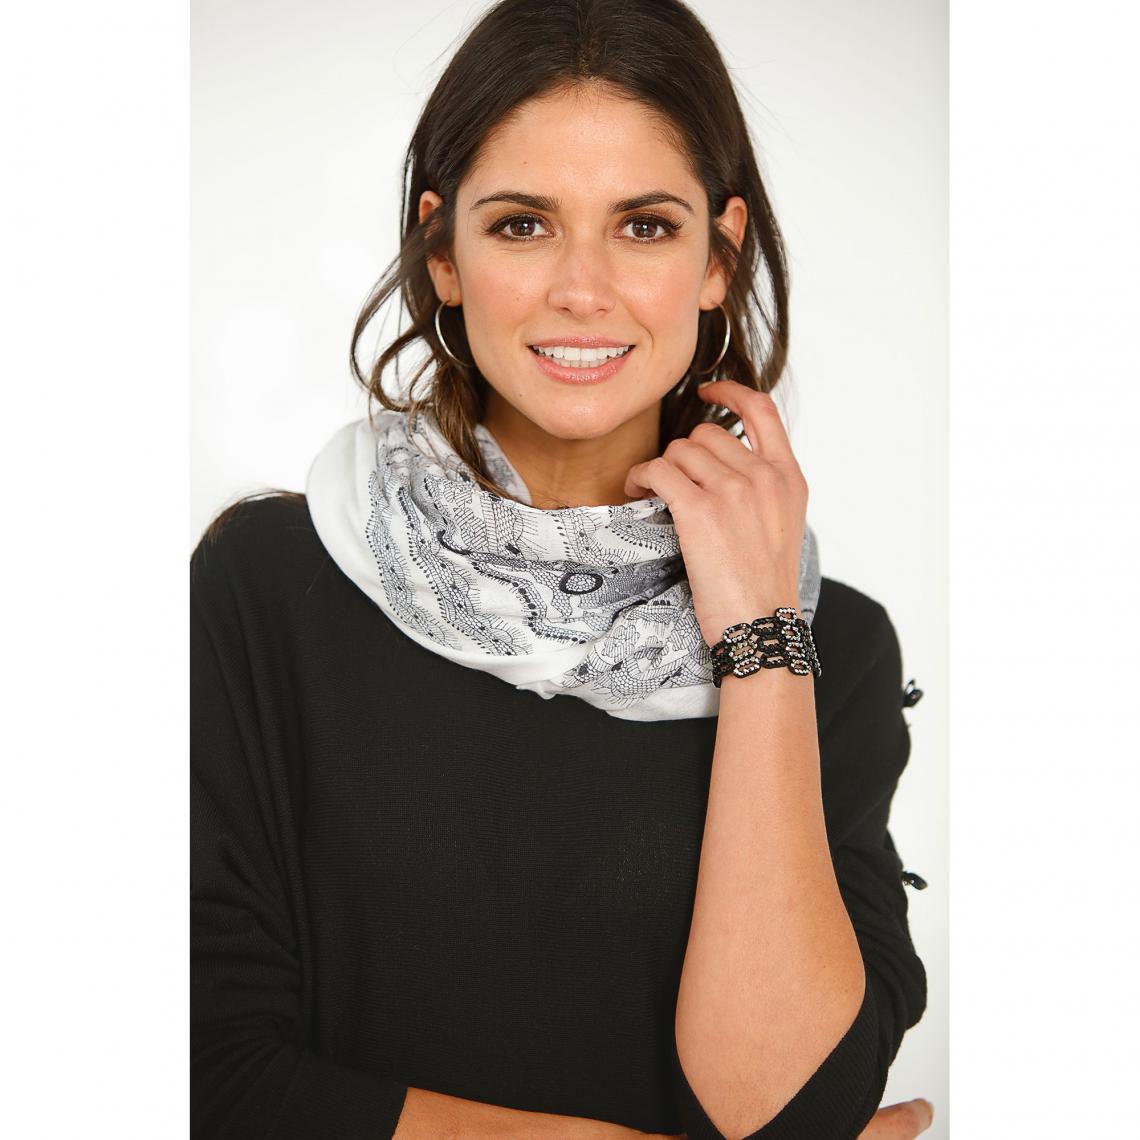 Foulards Venca Cliquez l image pour l agrandir. Foulard rectangulaire  imprimé aspect dentelle femme - Blanc - Noir Venca 387d3b37451